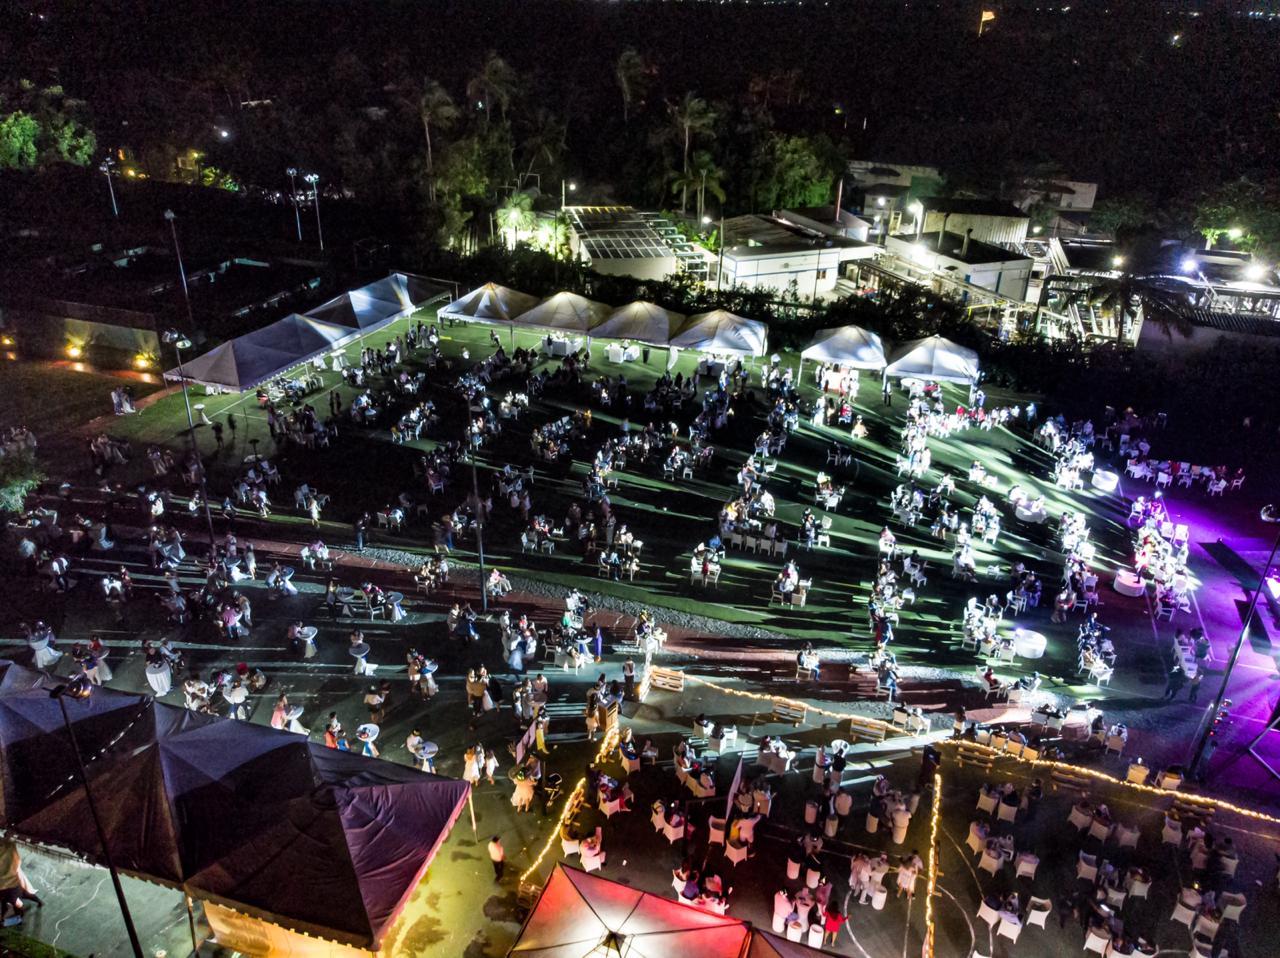 Palladium Hotel Group dice cumplió con medidas de seguridad y prevención para su evento de fin de año en Punta Cana